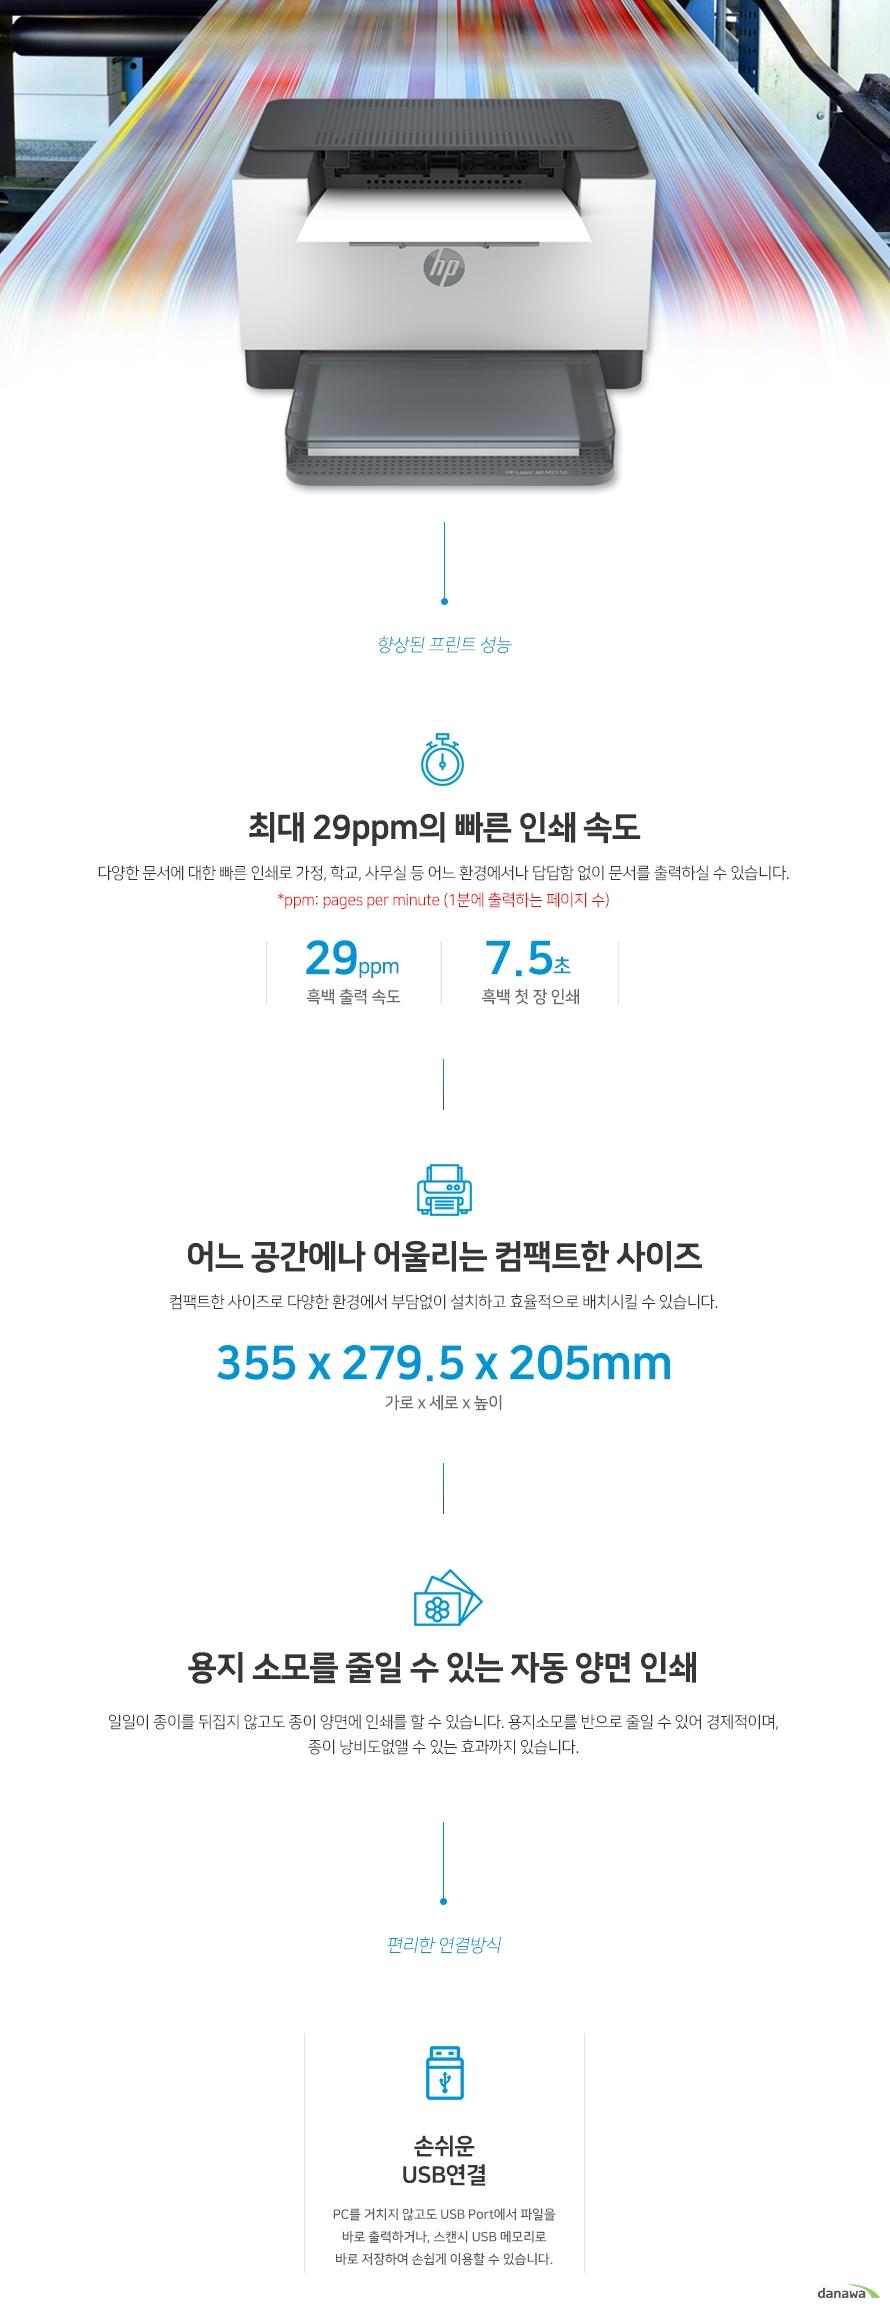 HP 레이저젯 M211d (기본토너)